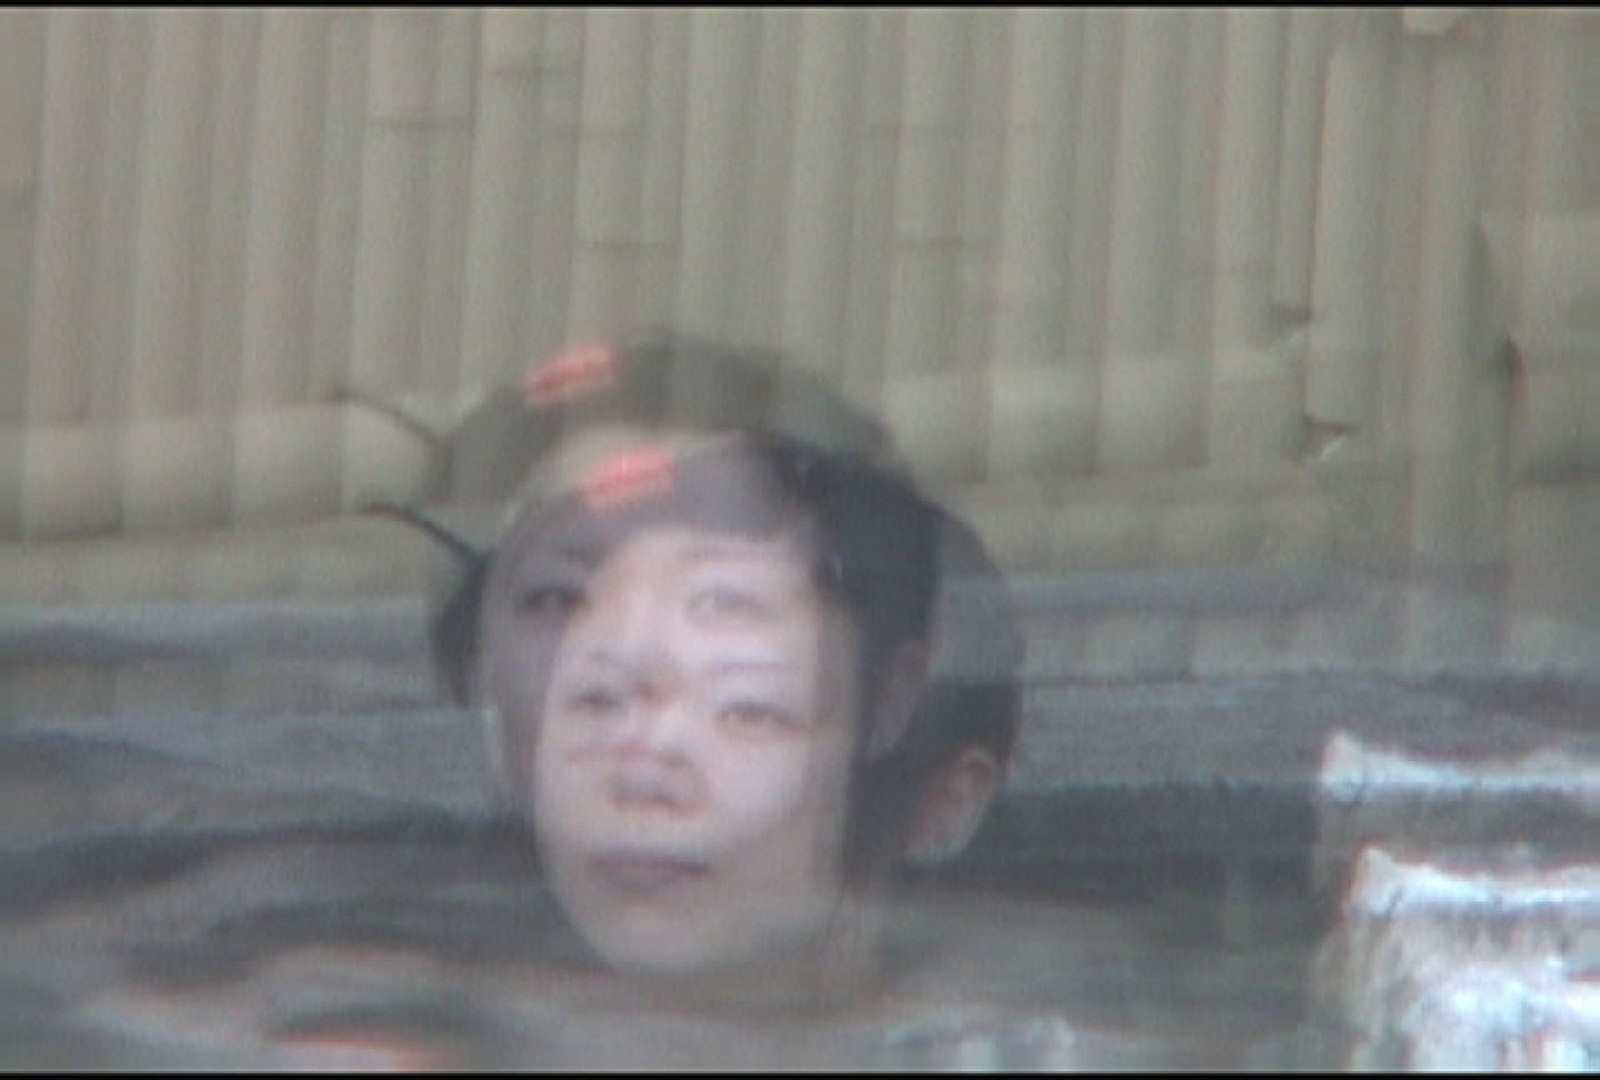 Aquaな露天風呂Vol.175 OLのエロ生活  71連発 27